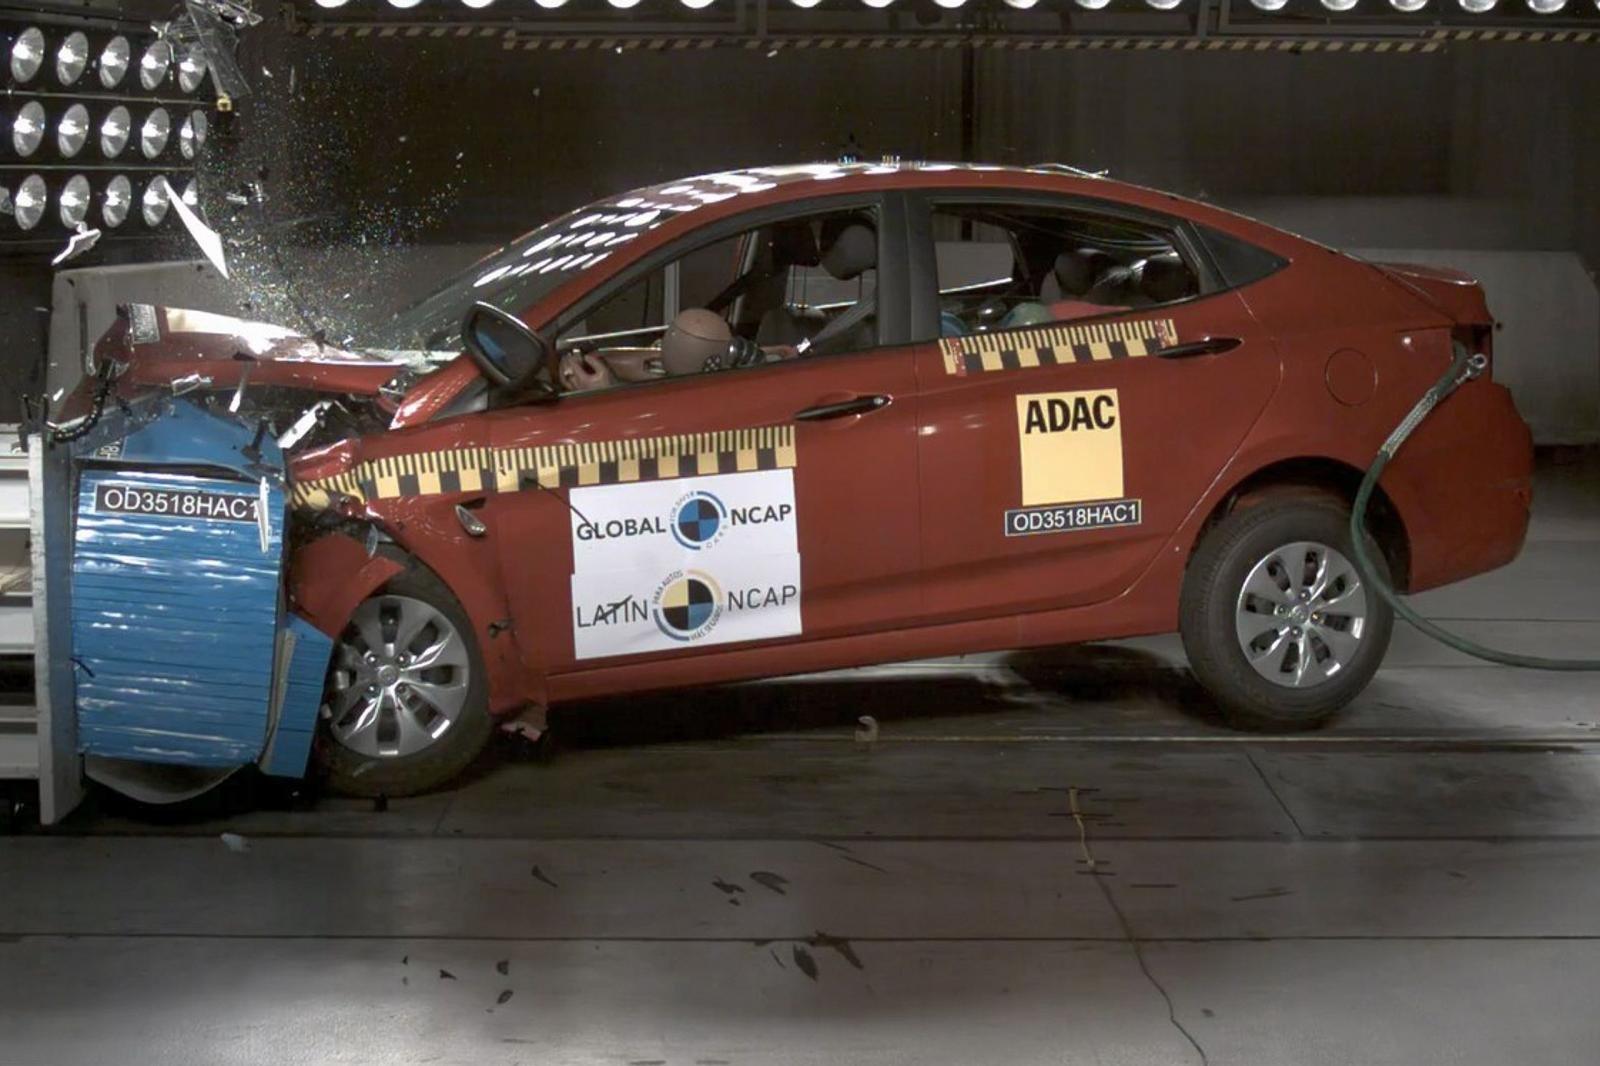 Để biết túi khí bảo vệ người trong xe như thế nào hãy xem Hyundai Accent 0 túi khí thử nghiệm.